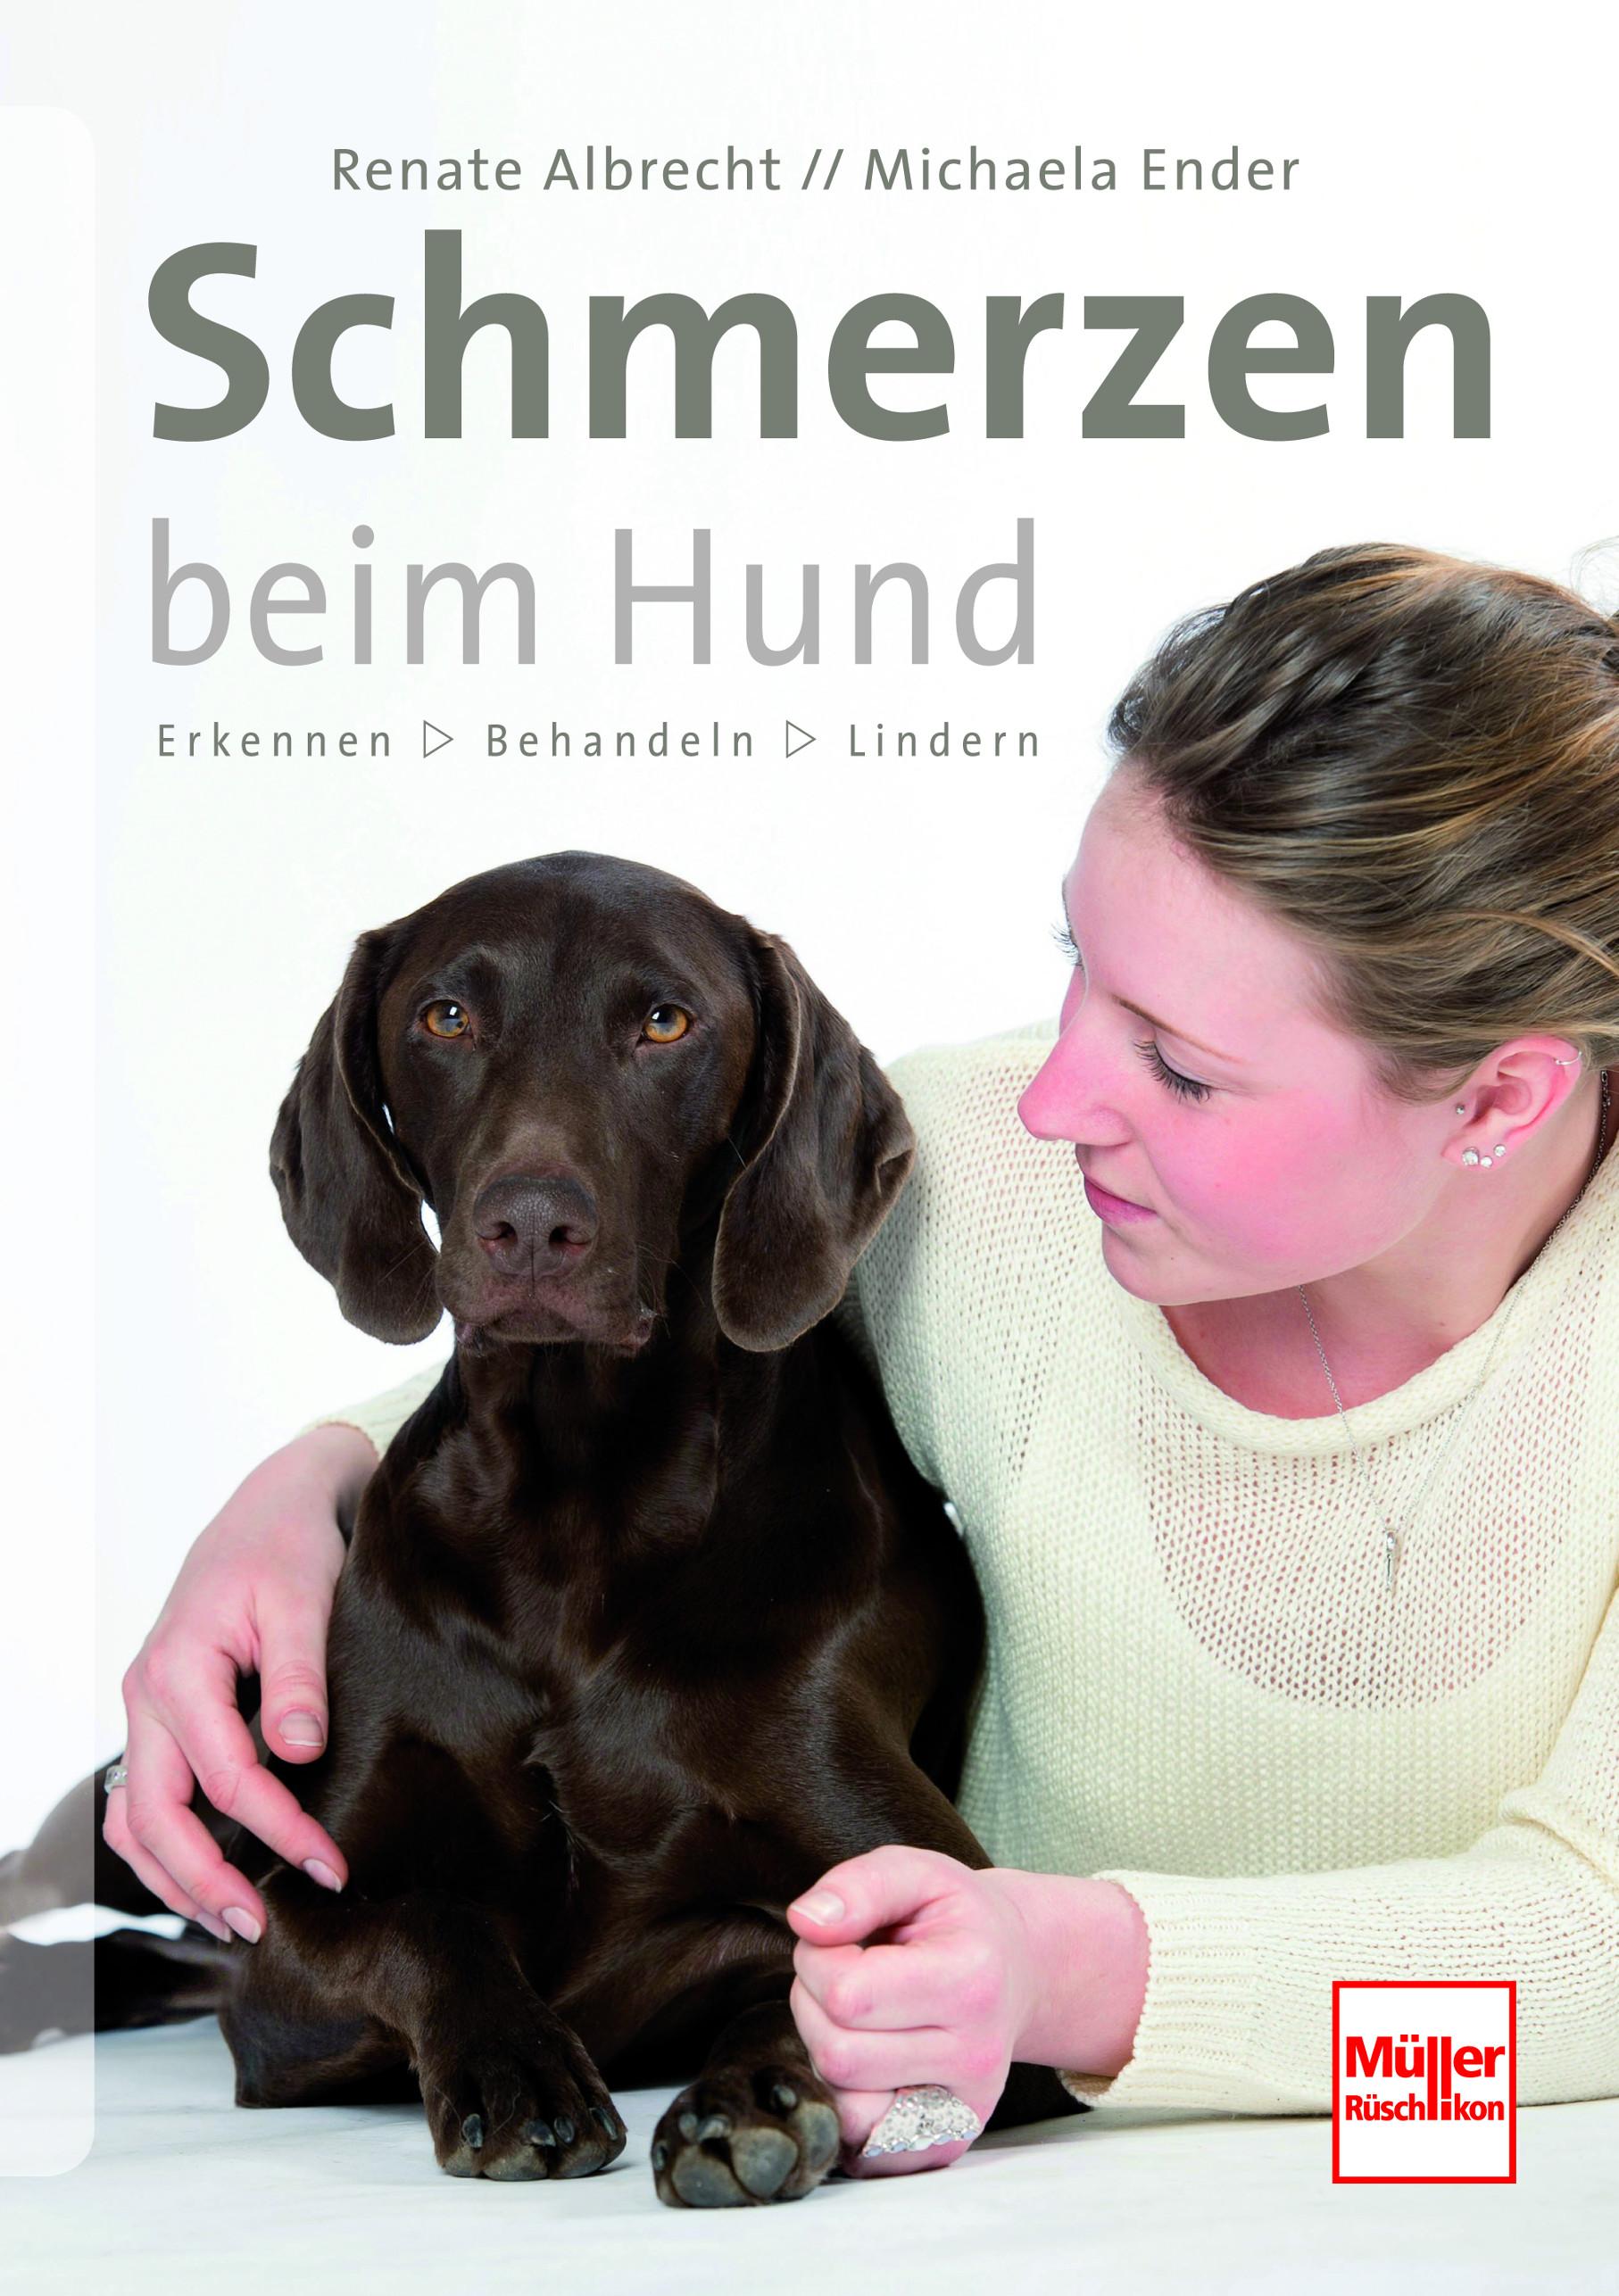 Titelbild Buch (2)